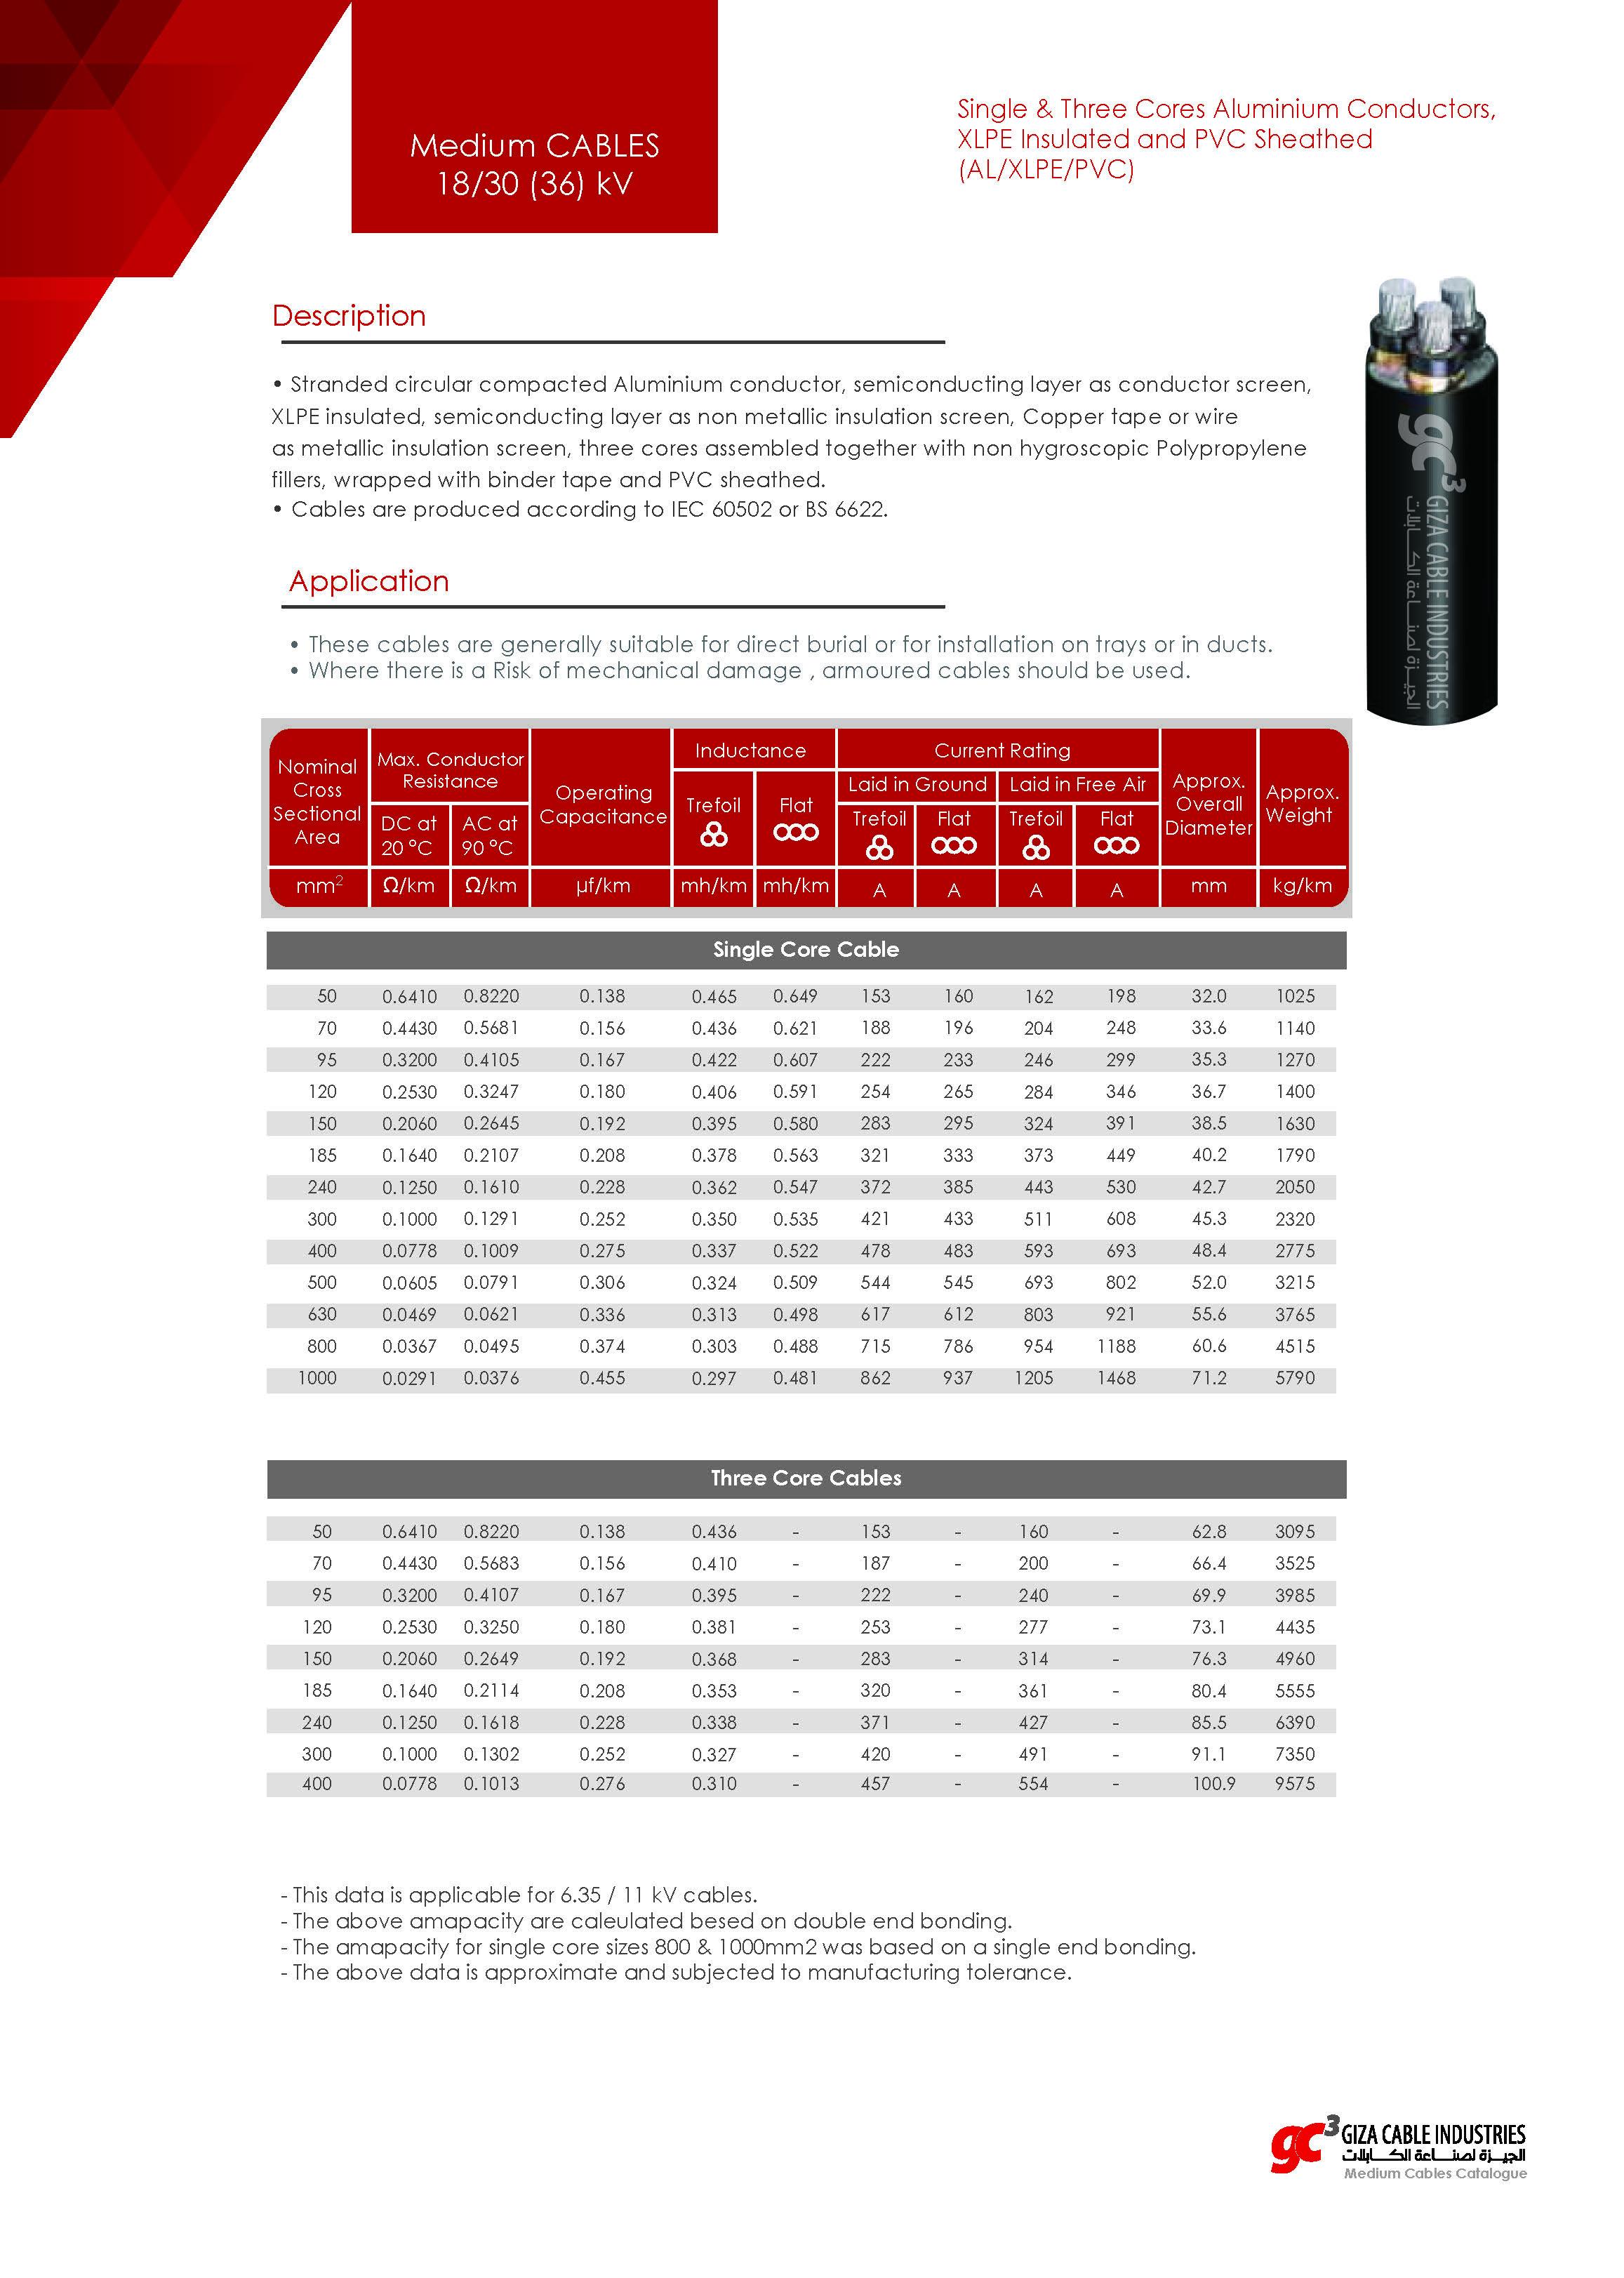 Medium CABLES 18/30 (36) kV - (AL/XLPE/PVC)